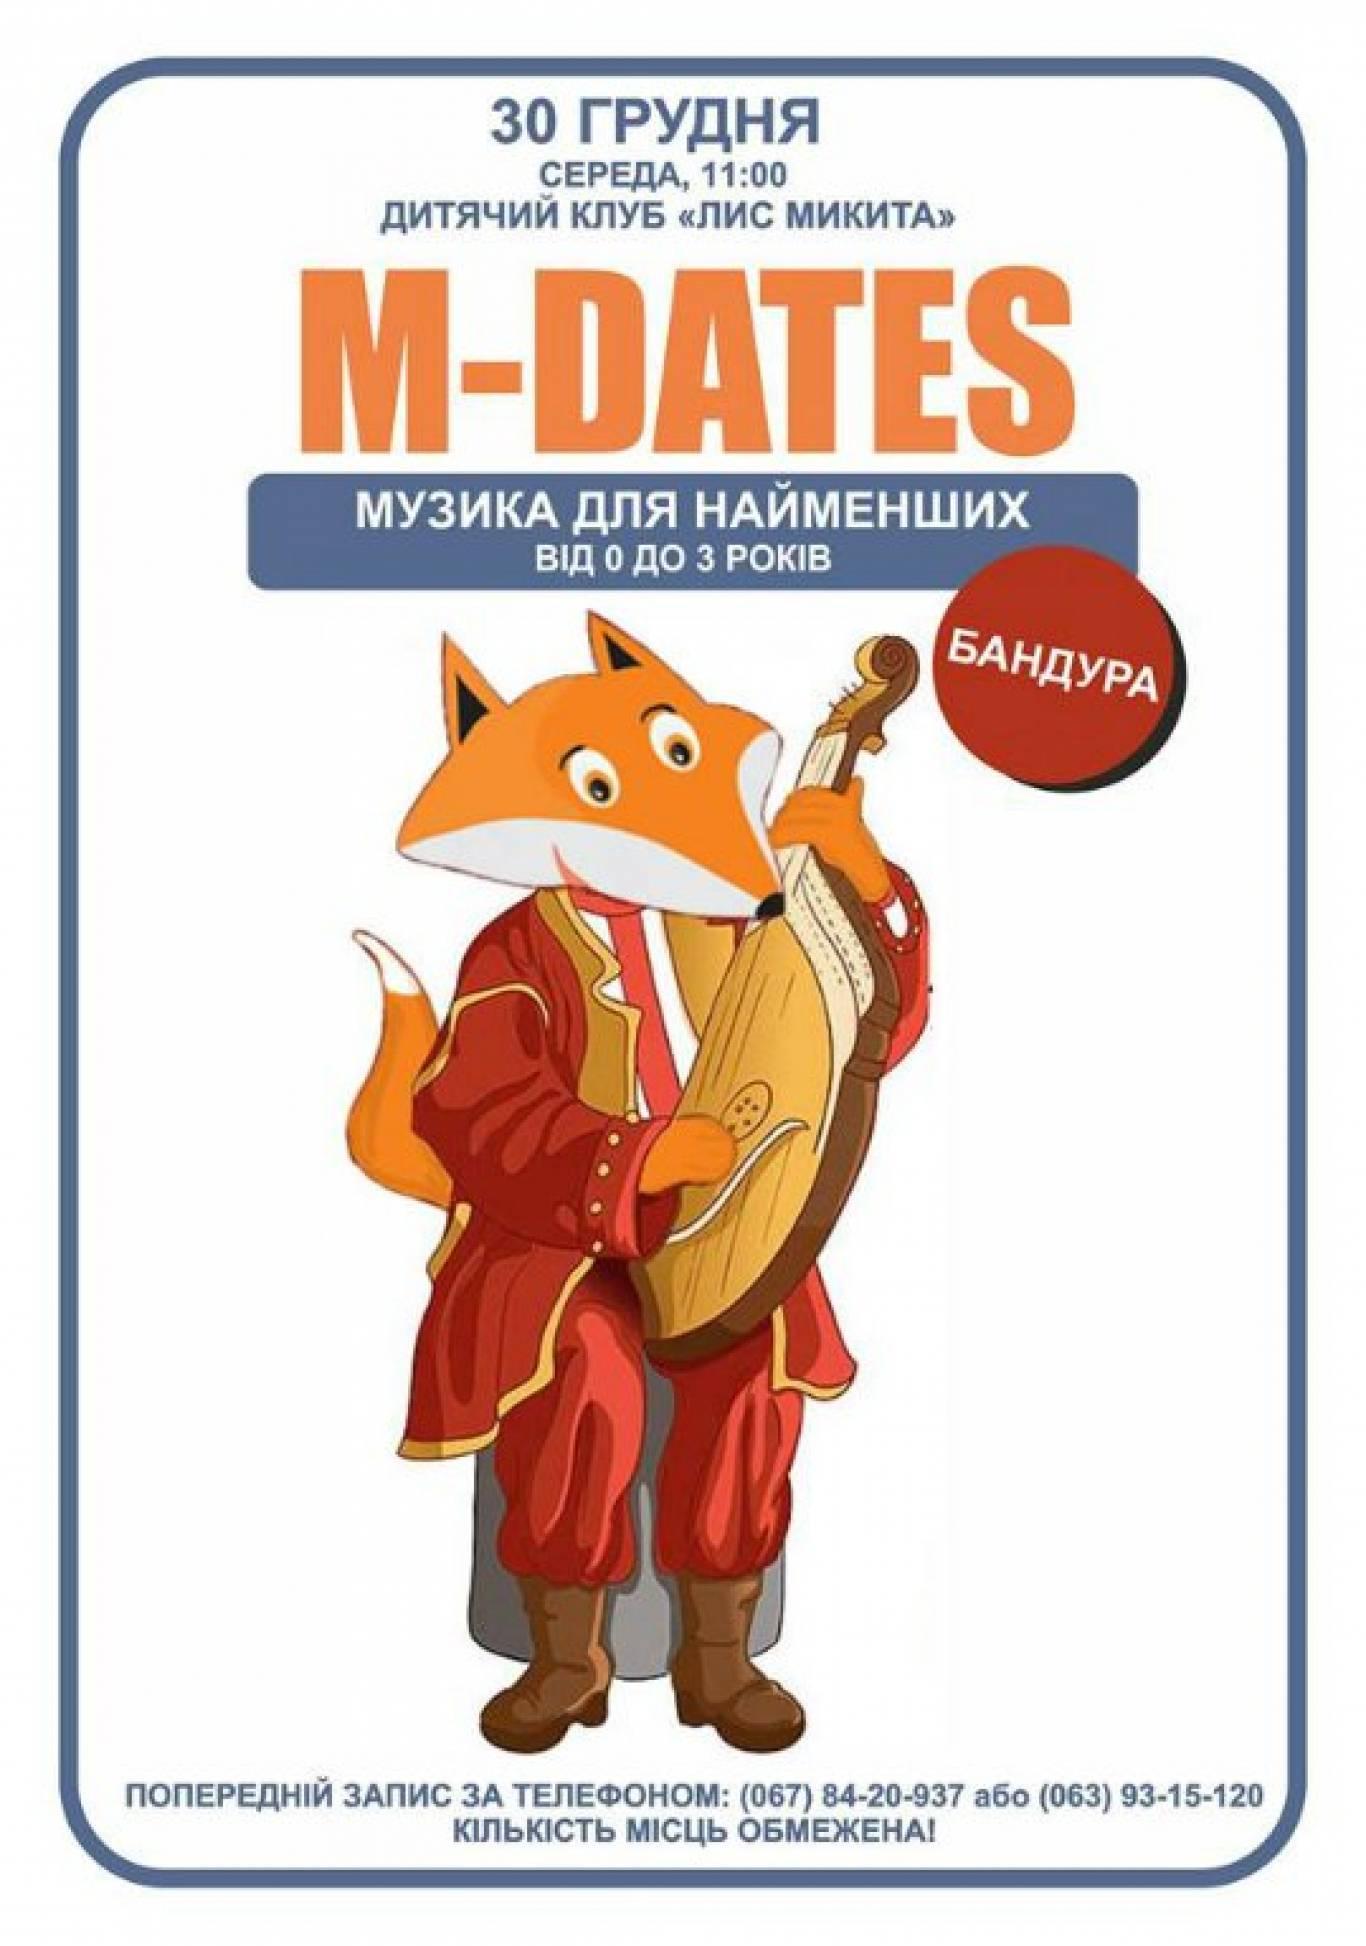 Концерт для найменших M-Dates (бандура)